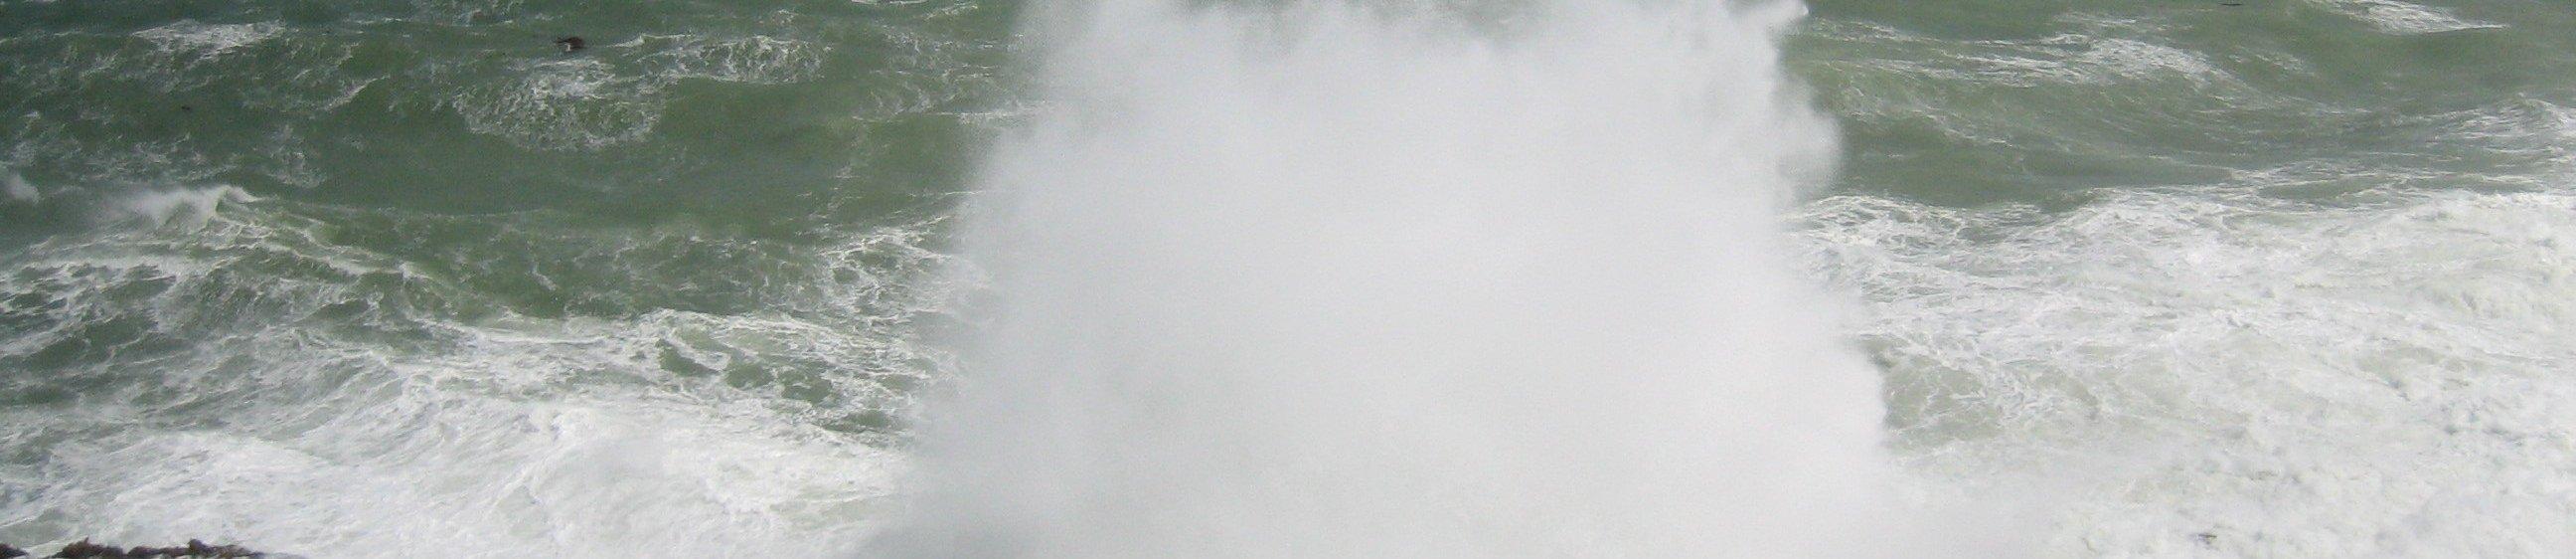 南島旅行記2015年 banner image